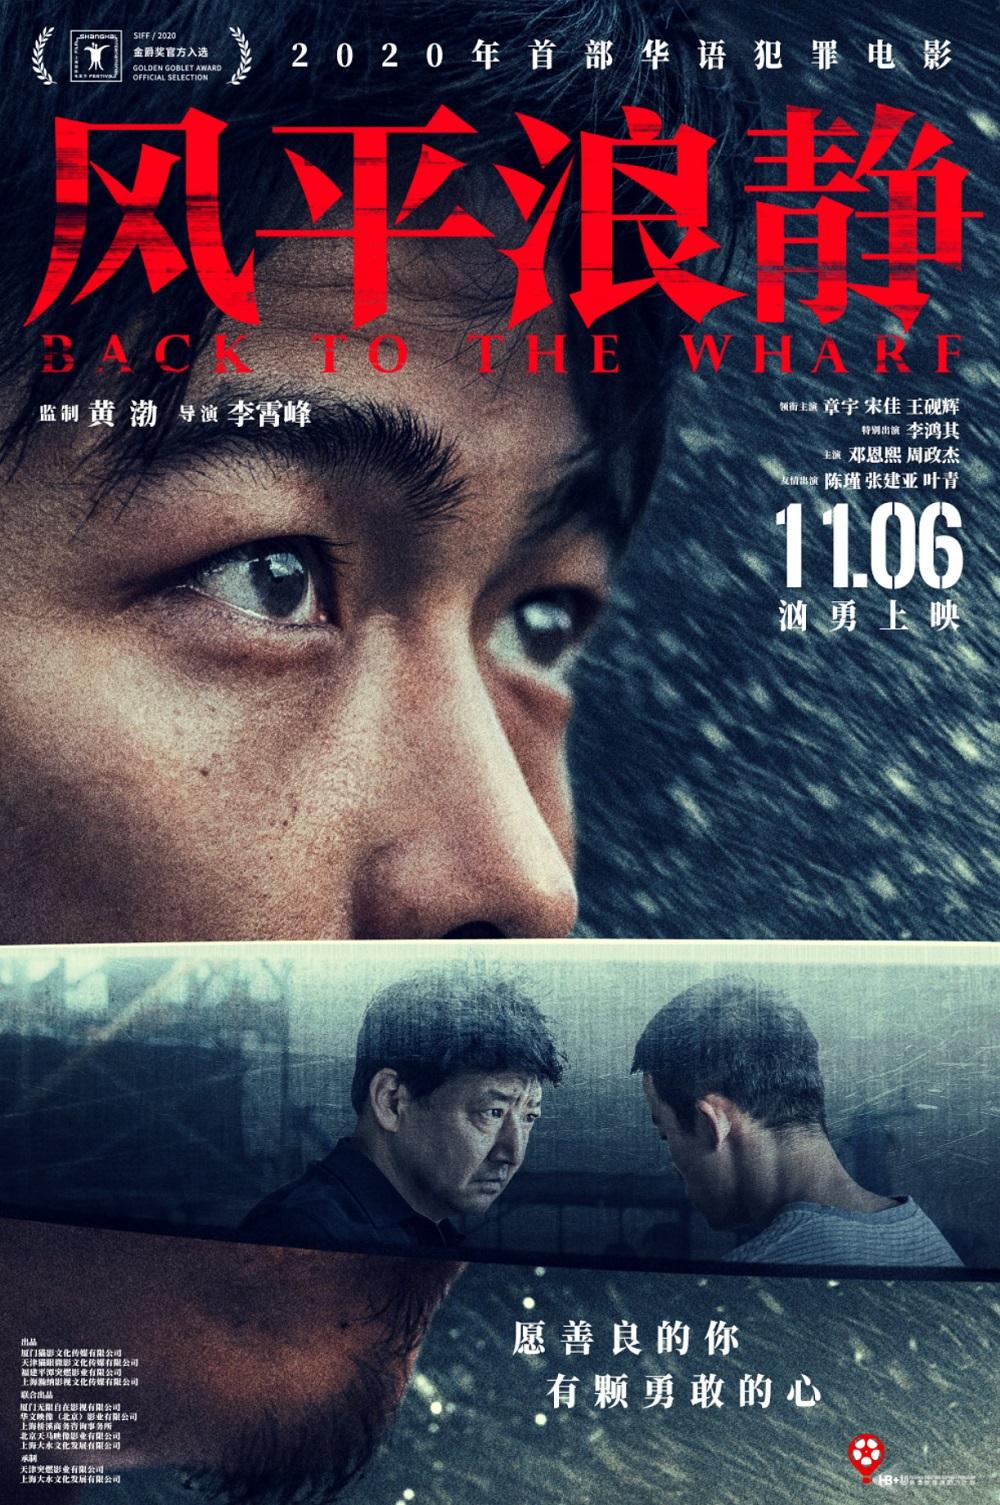 今日,由李霄峰执导、黄渤监制,章宇、宋佳、王砚辉领衔主演的2020年首部华语犯罪题材电影《风平浪静》宣布定档11月6日。